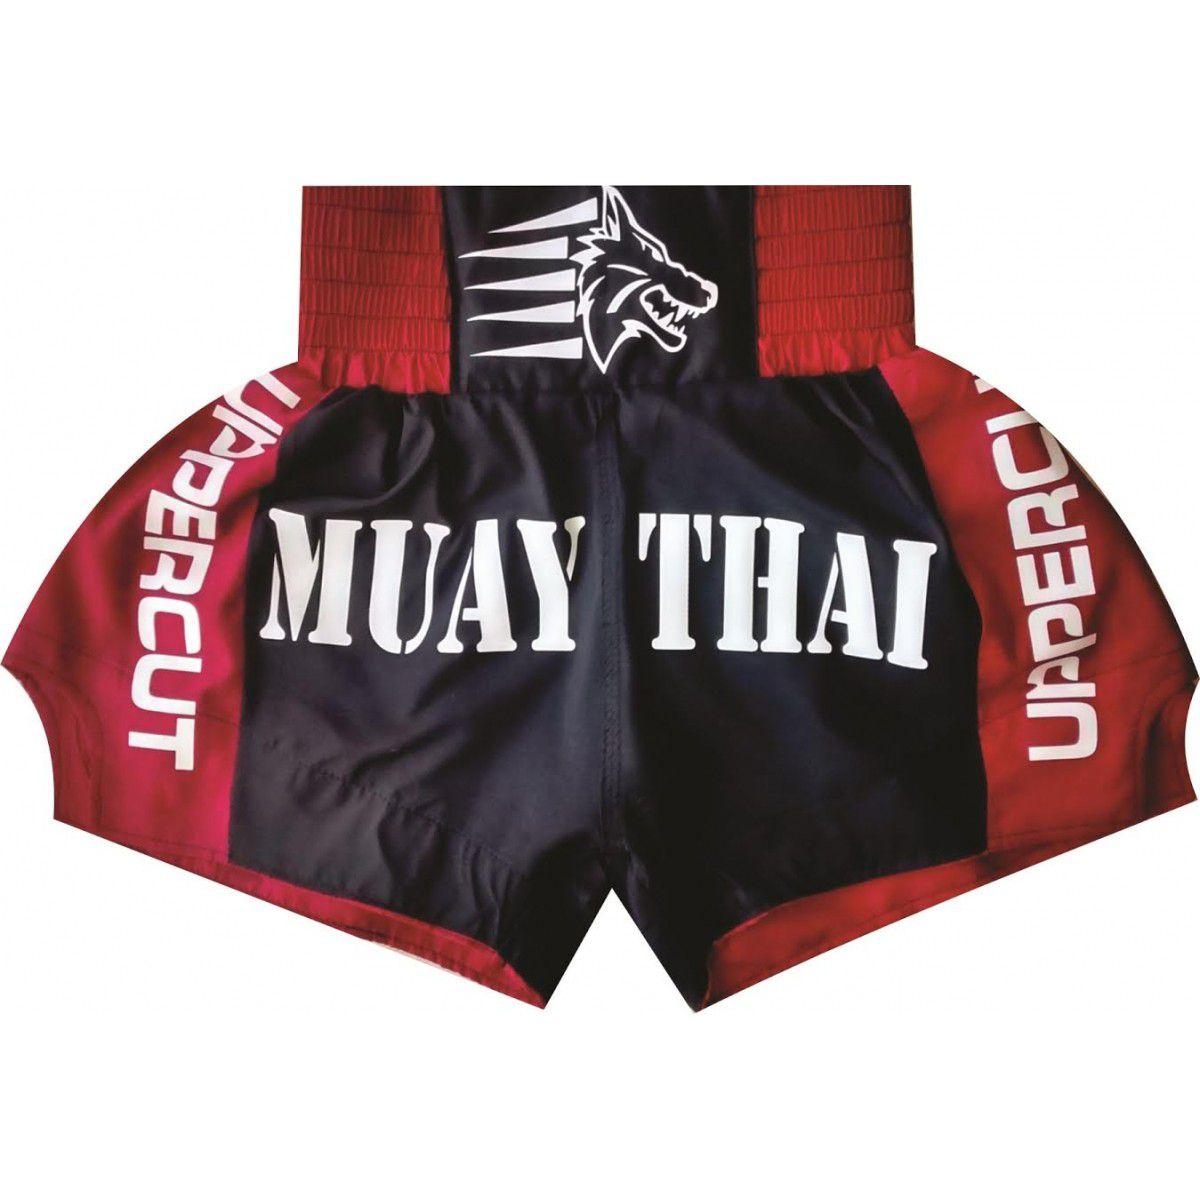 Calção / Short Muay Thai - Premium - Vermelho/Preto- Uppercut .